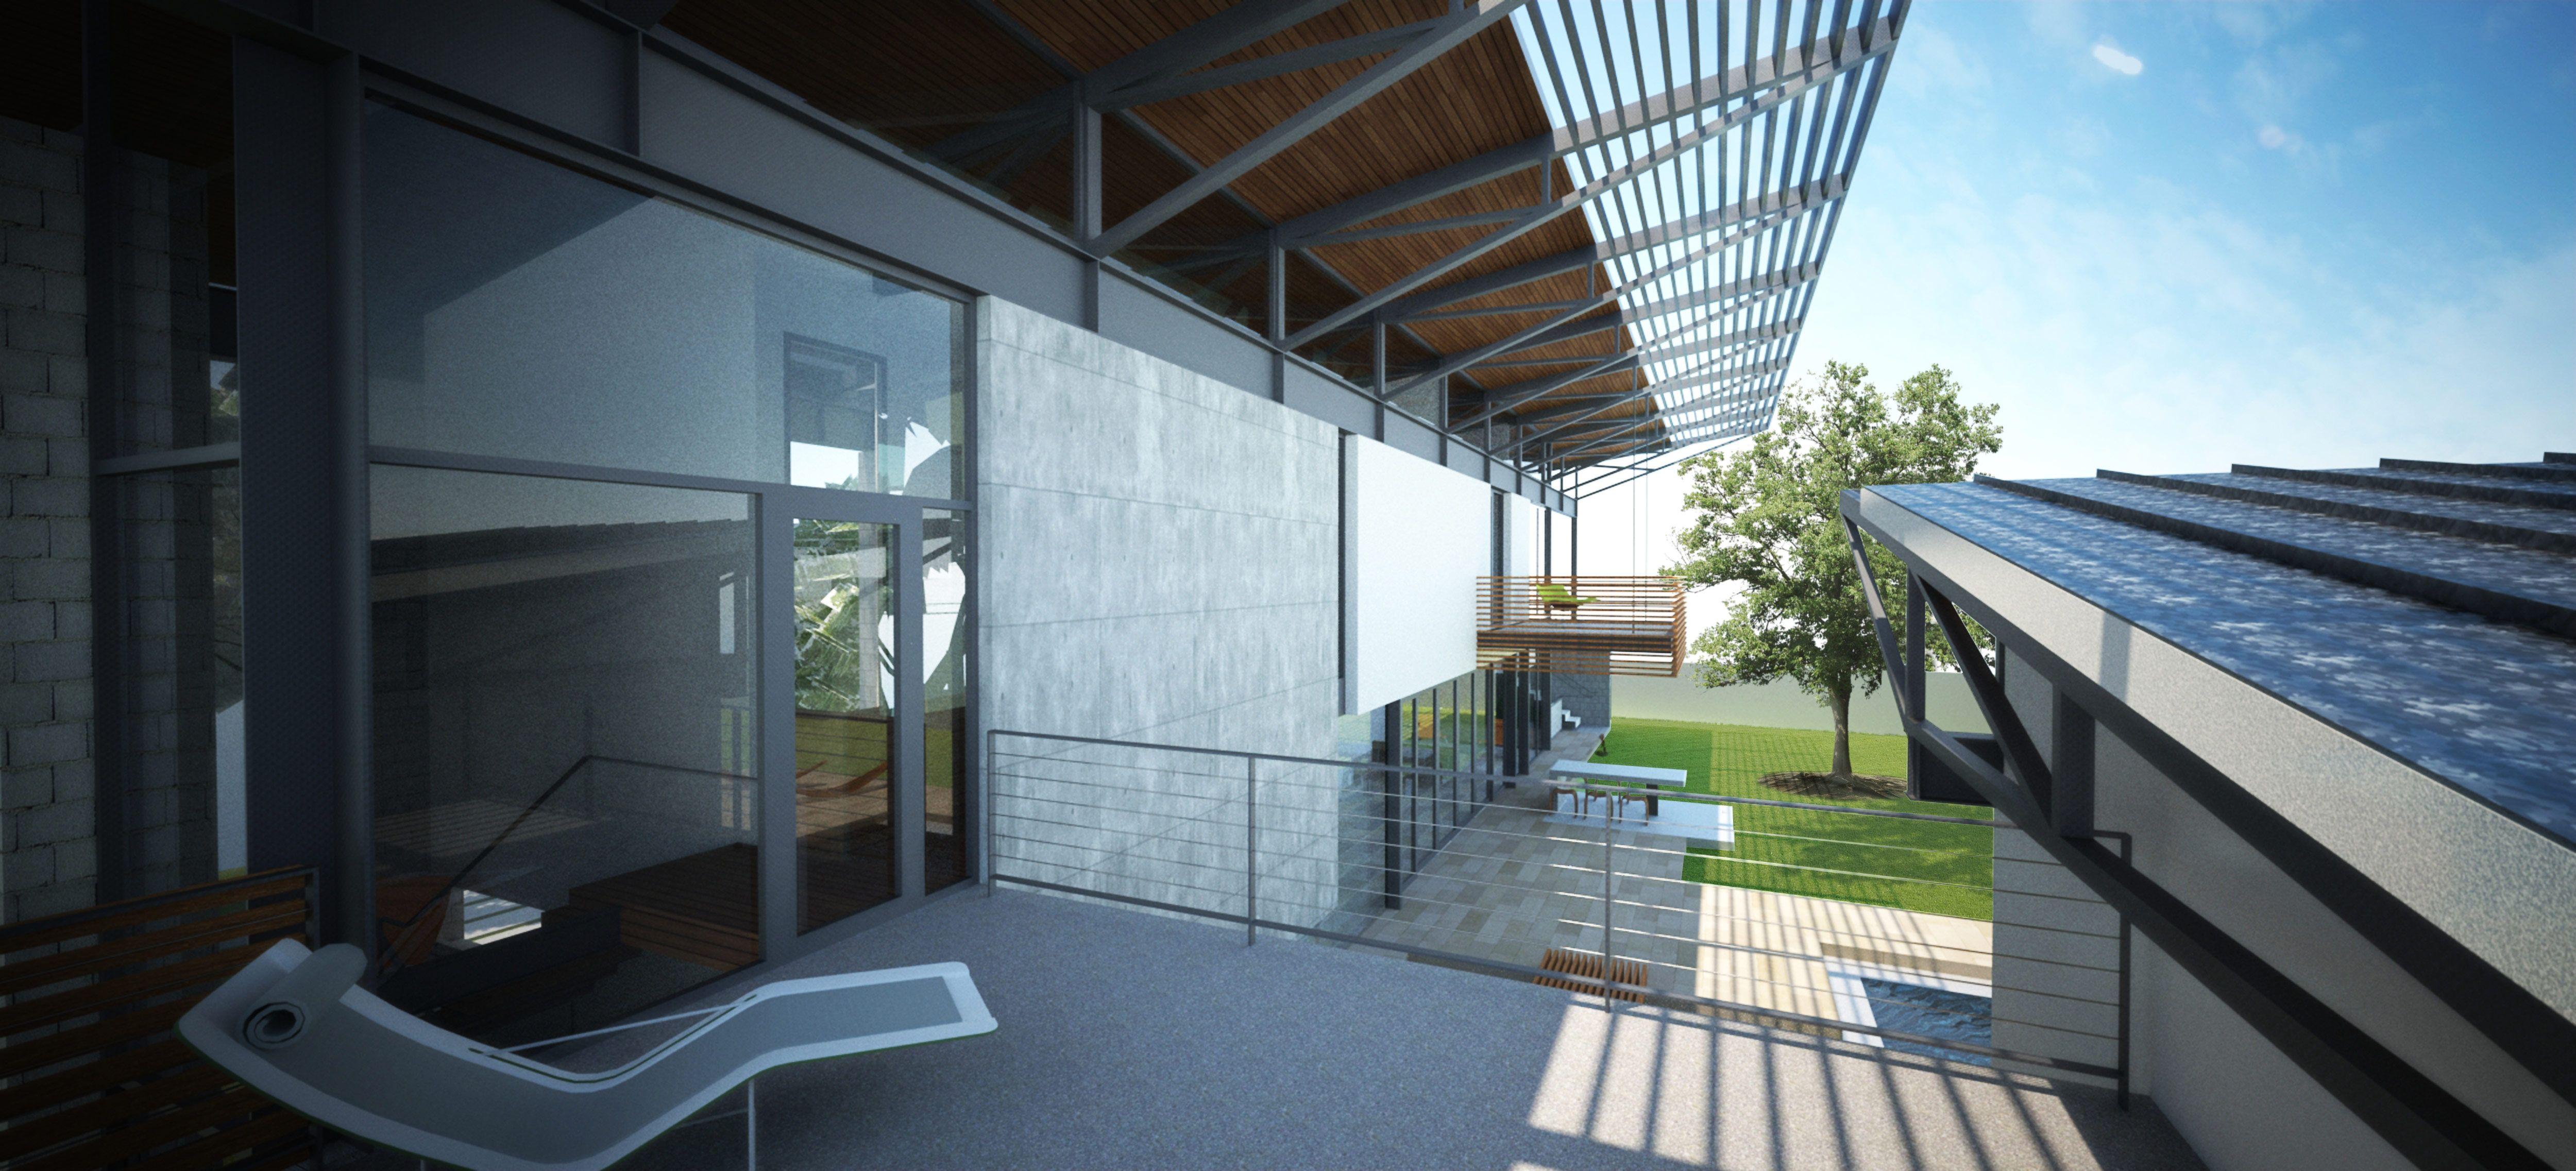 Studio For Modern Architecture